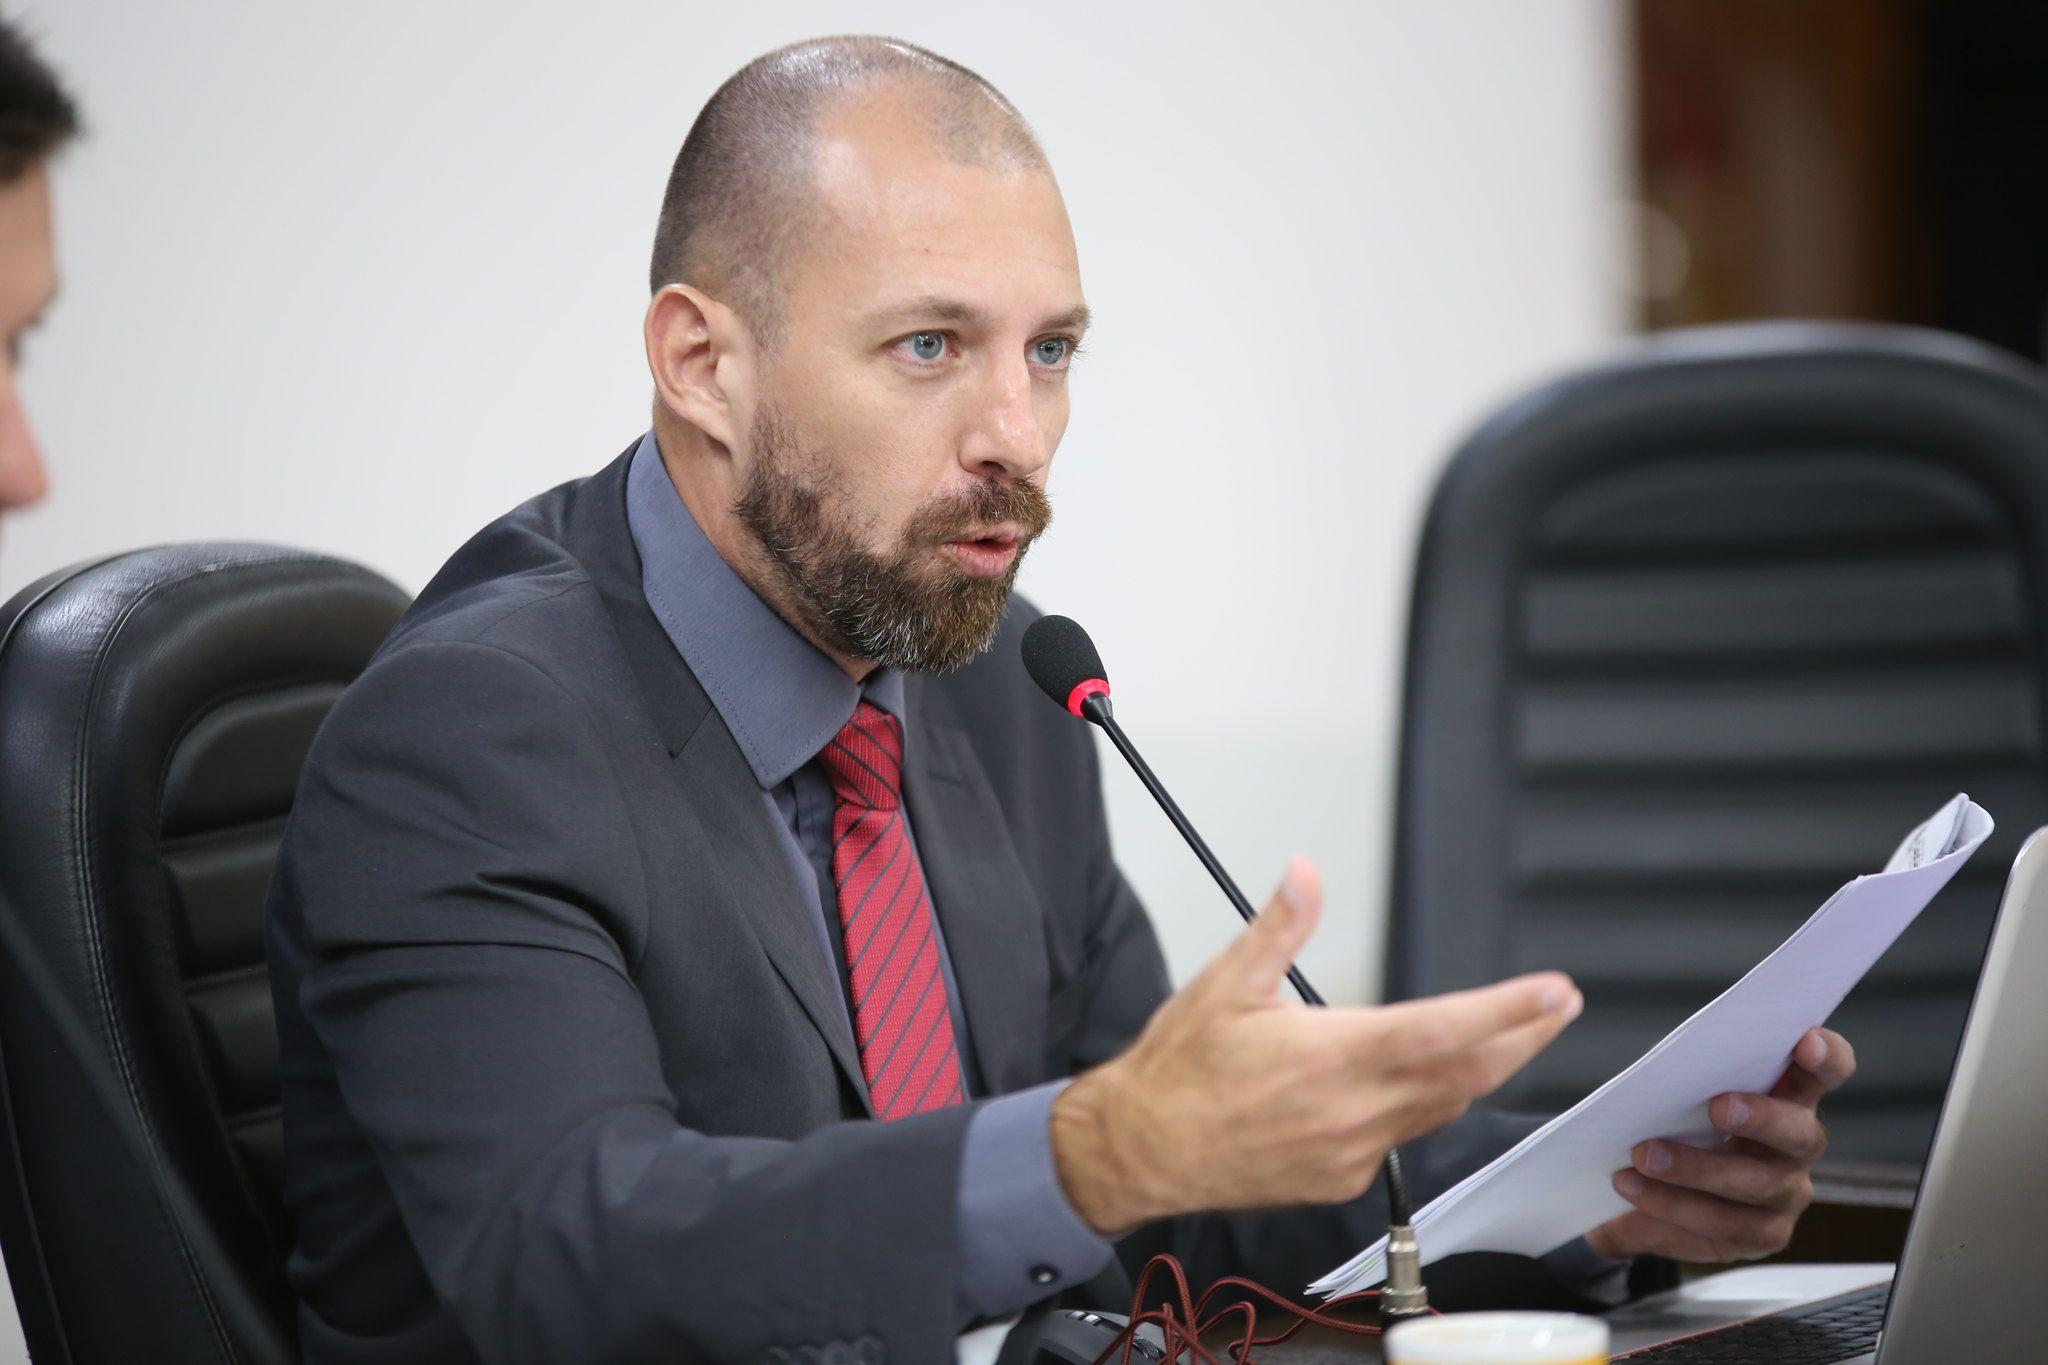 Vereador cobra devolução de R$10 milhões cobrados ilegalmente pela prefeitura.